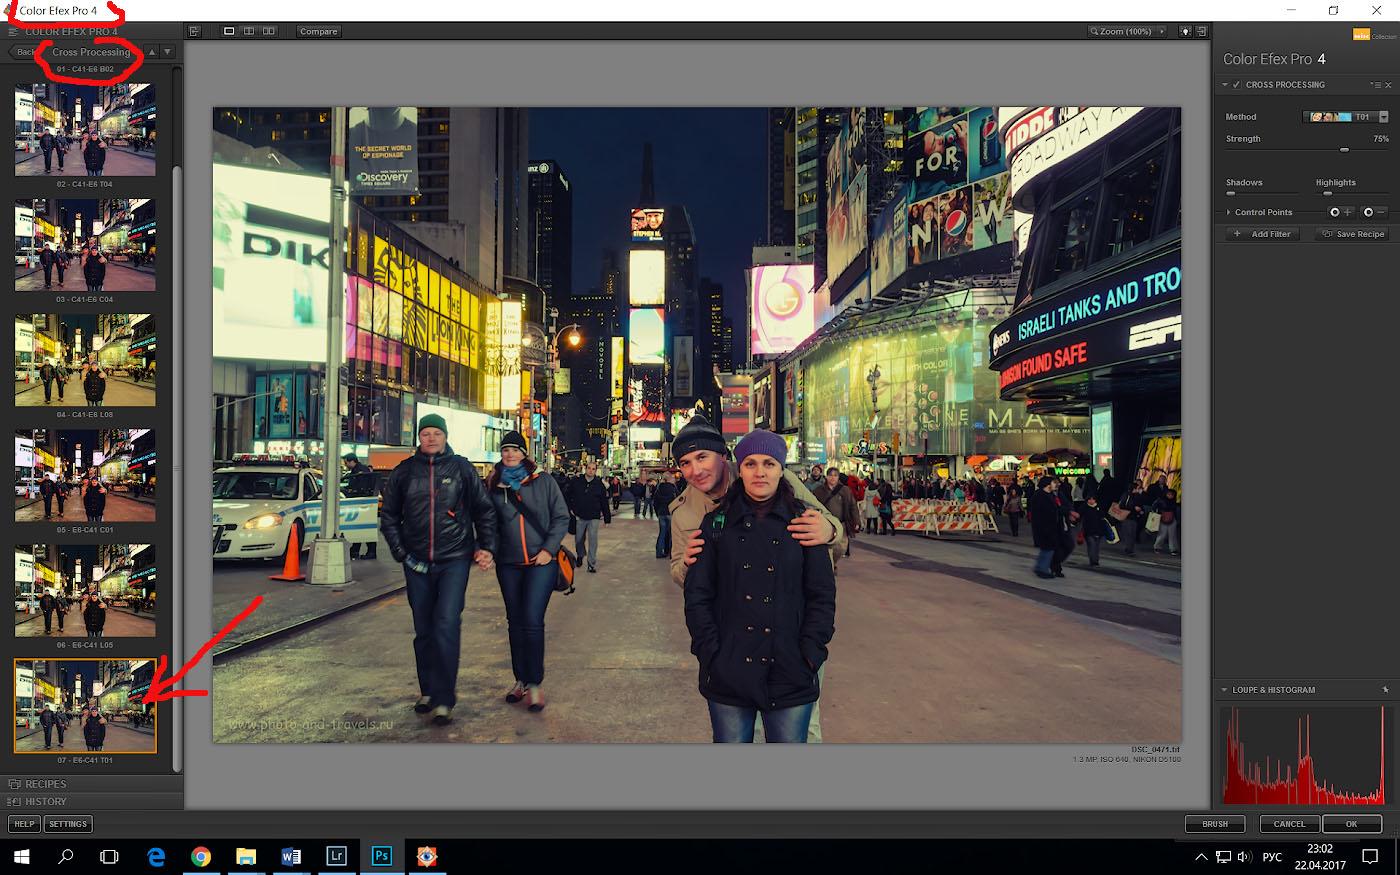 41. Пример использования фильтра Cross Processing при обработке фотографии в Фотошопе.